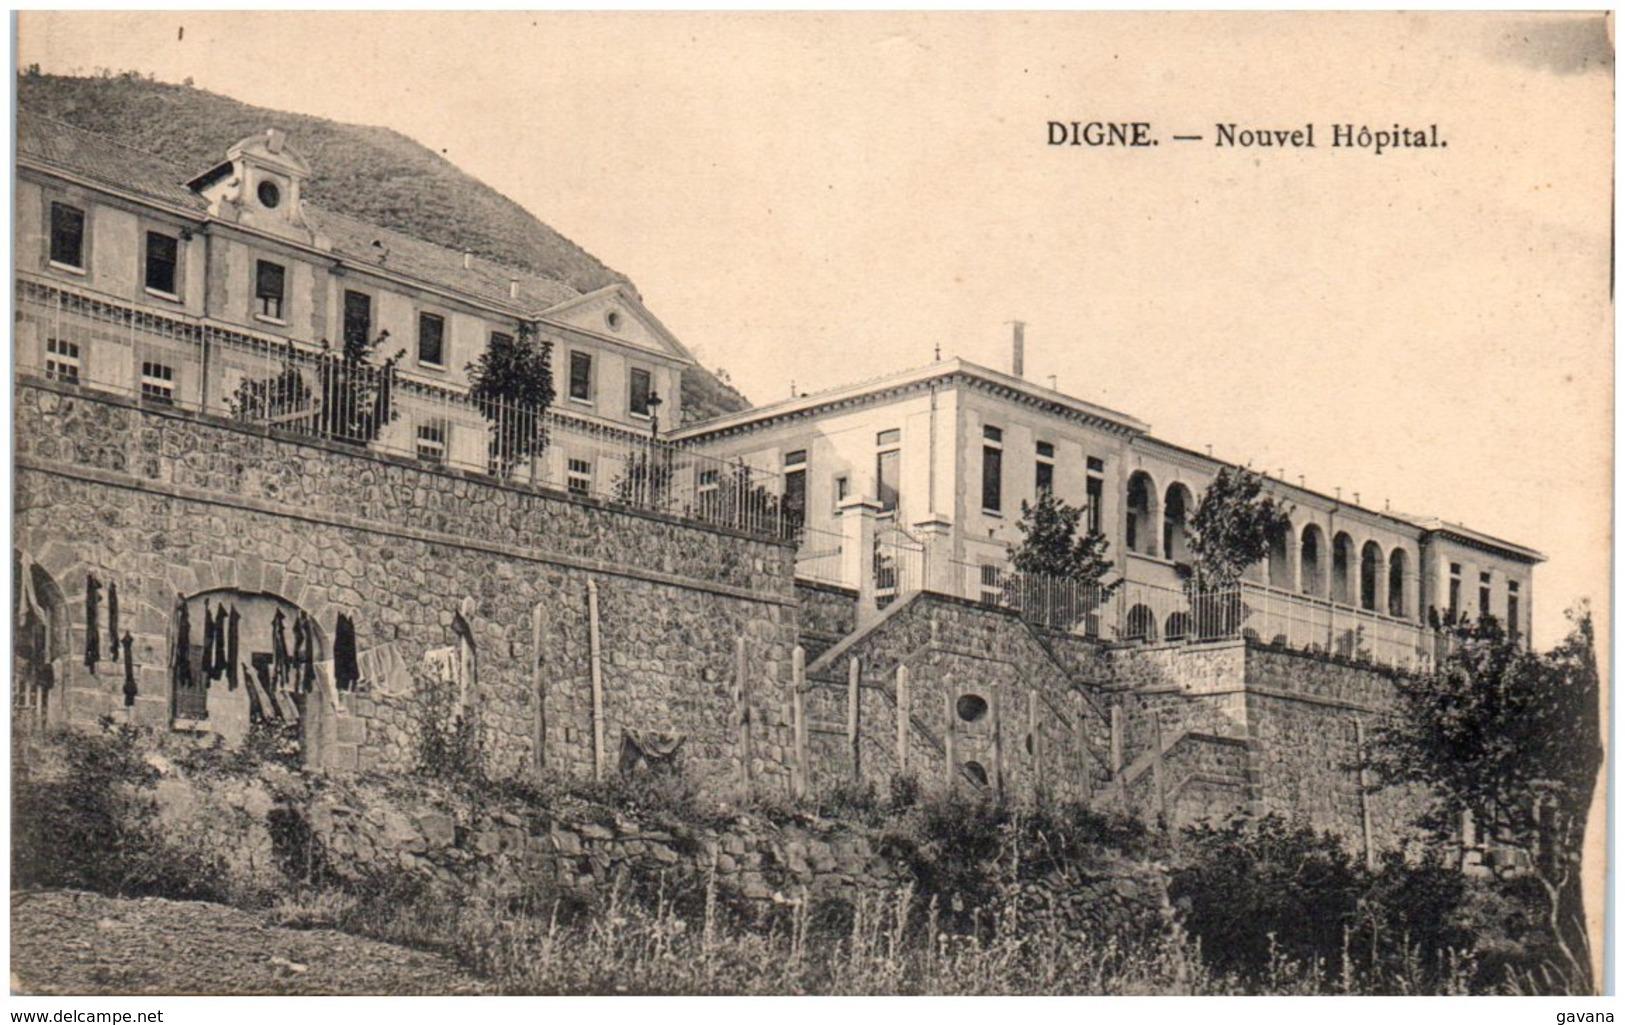 04 DIGNE - Nouvel Hopital - Digne